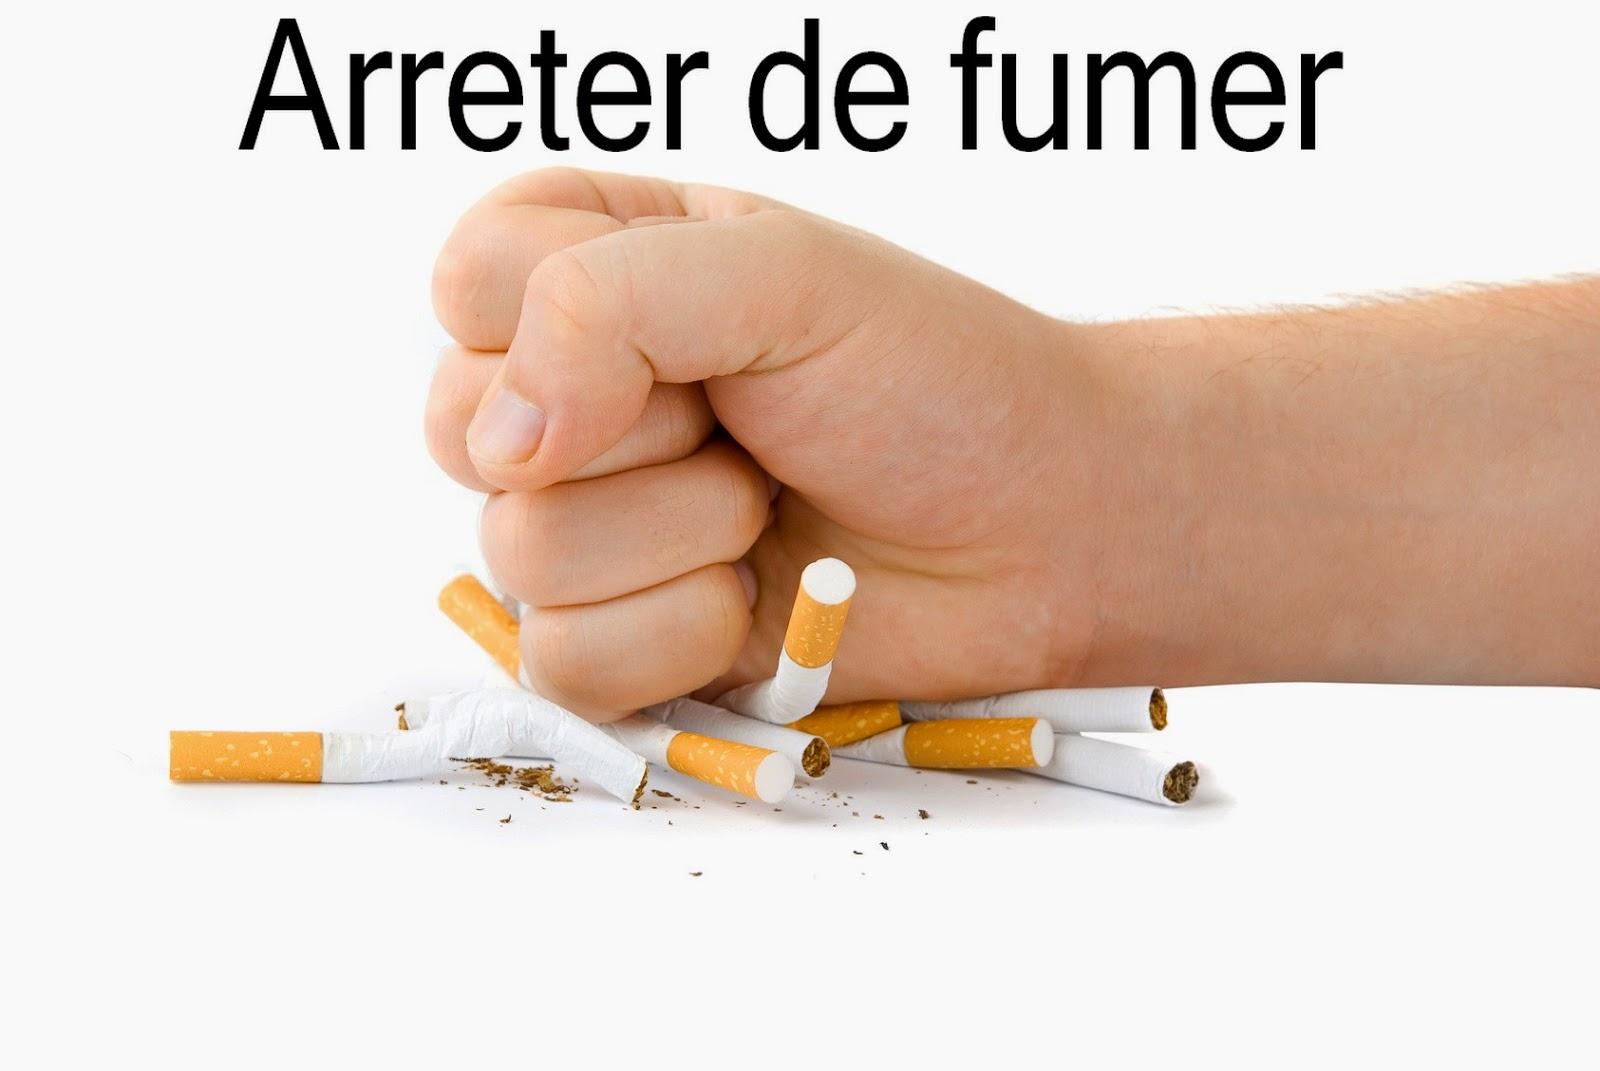 La musique aidant à cesser de fumer мп3